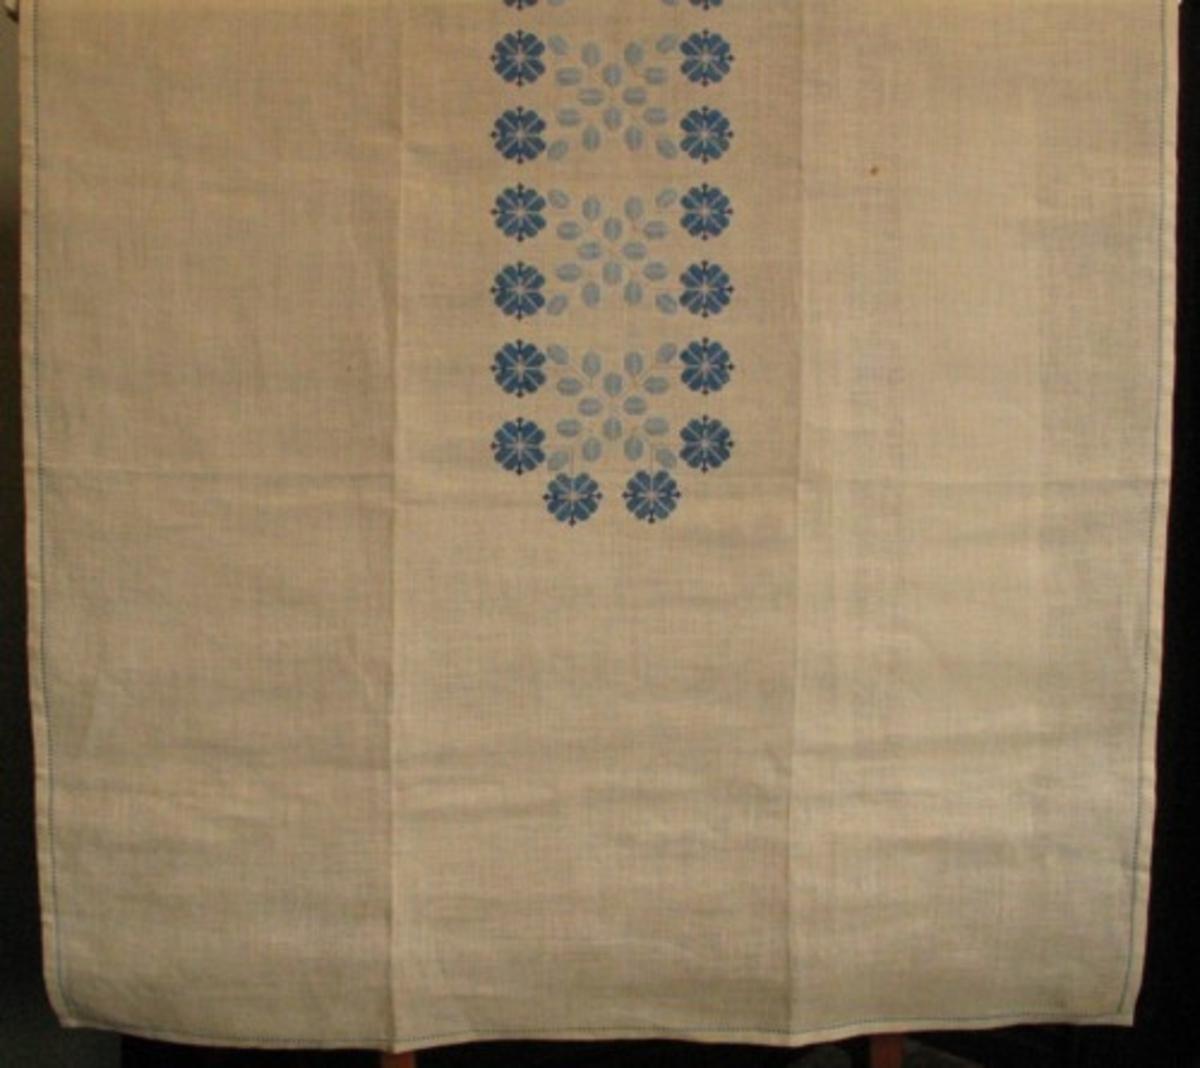 Broderad rektangulär stor duk, sydd på Skollinne II med Klippans HV 40/2 i 4 nyanser blått och grått. Finns även i rosa färgsättning. Mönstret av blå blommor och grå blad bildar en bård på mitten 18 x 95 cm. Duken är fållad med hålsöm.